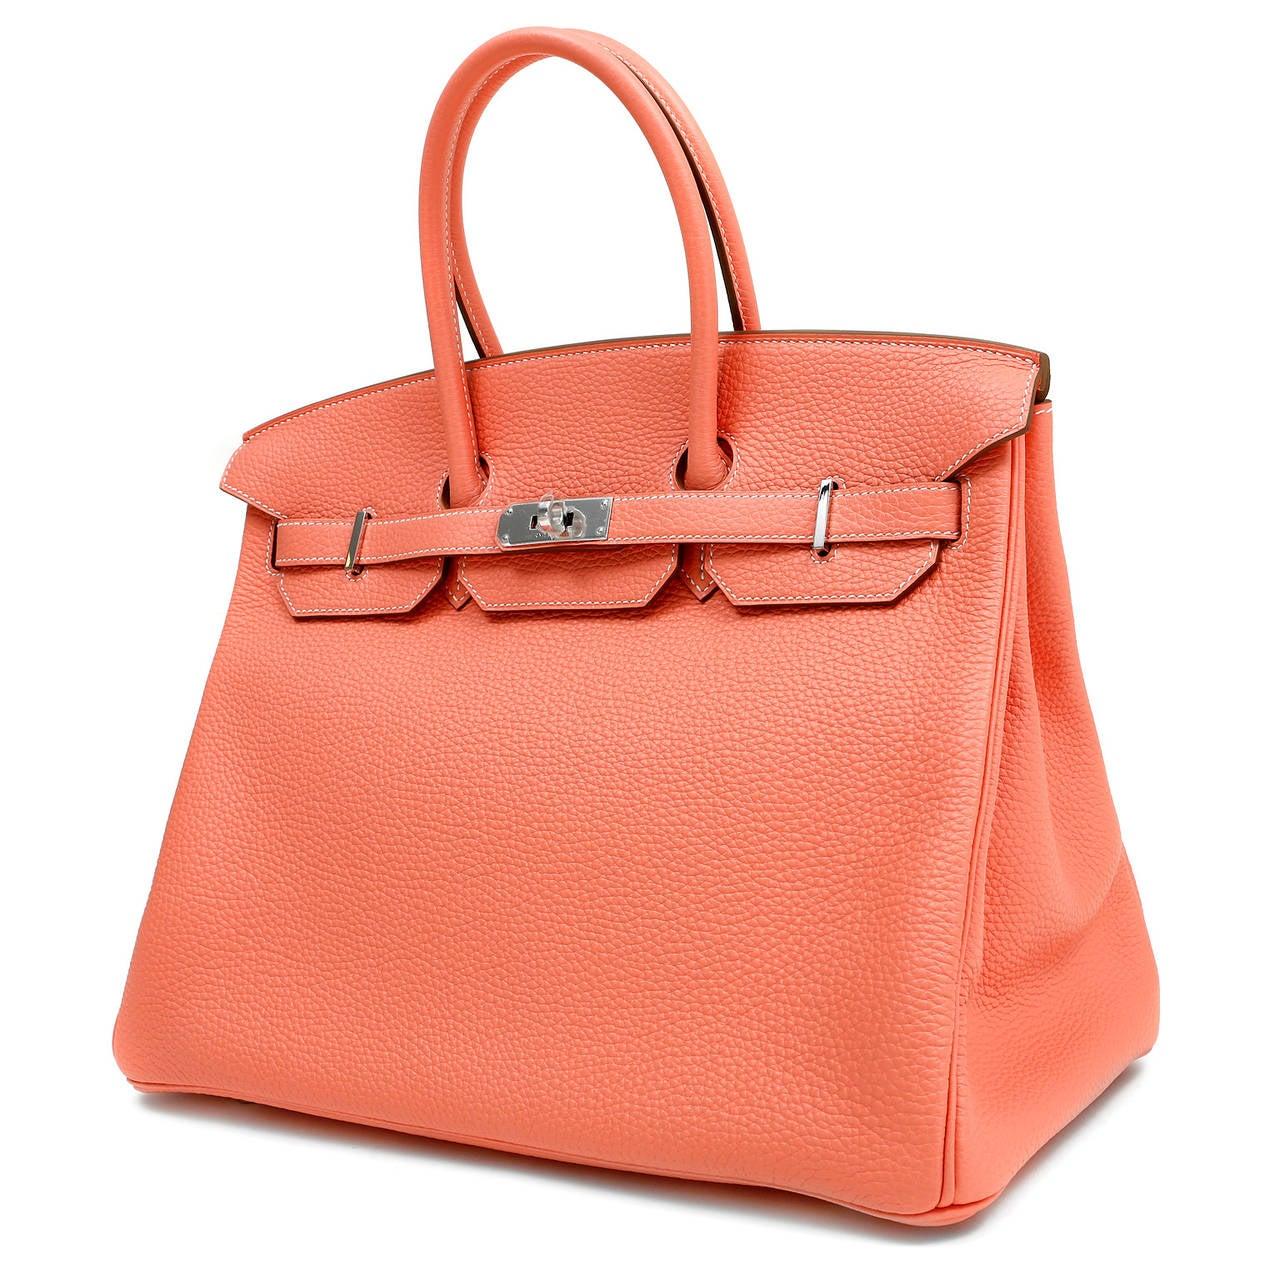 Hermes Crevette Togo 35 cm Birkin Bag- Salmon Pink Color 4